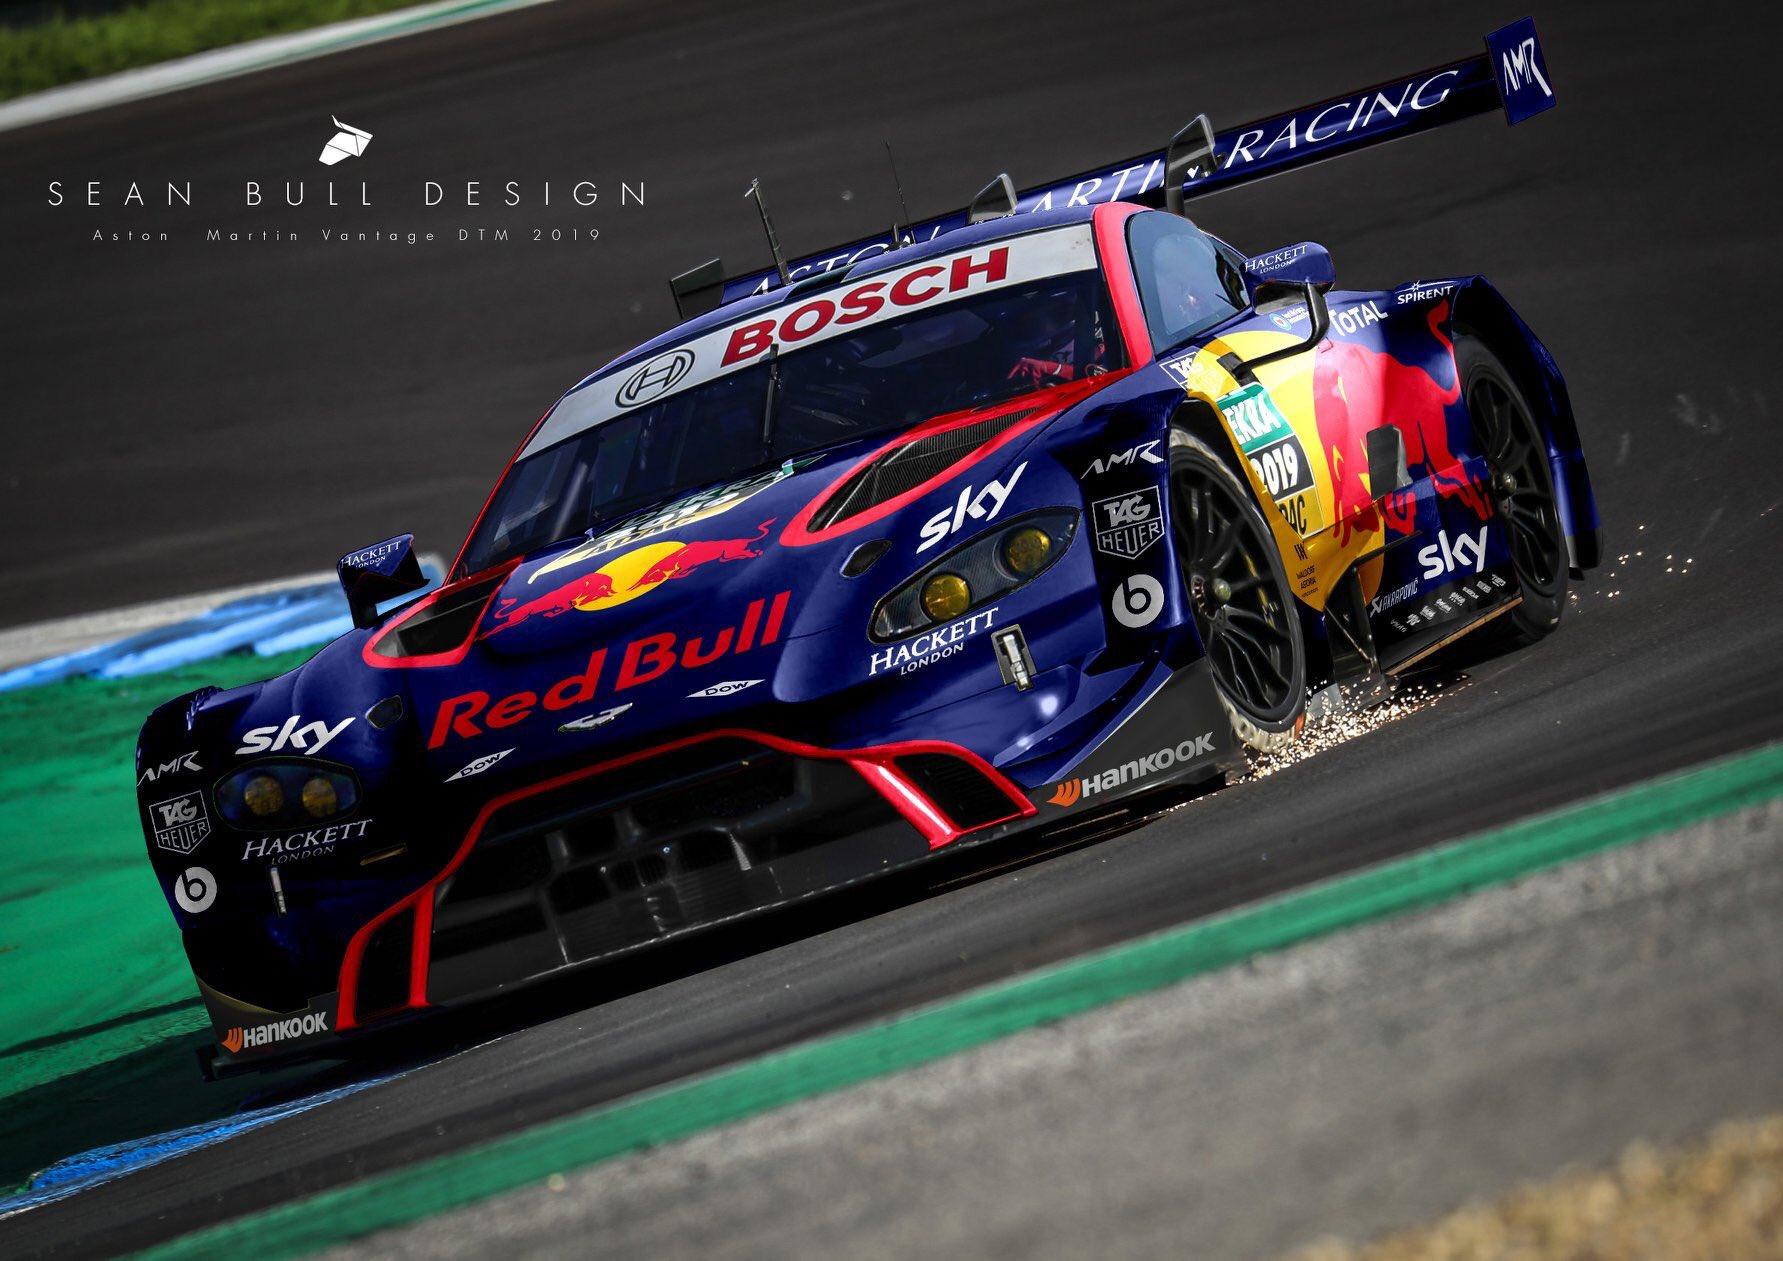 Sean Bull Design On Twitter Red Bull Aston Martin Dtm 2019 Mock Up And Livery Astonmartin Dtm Dtm2019 Livery Redbull